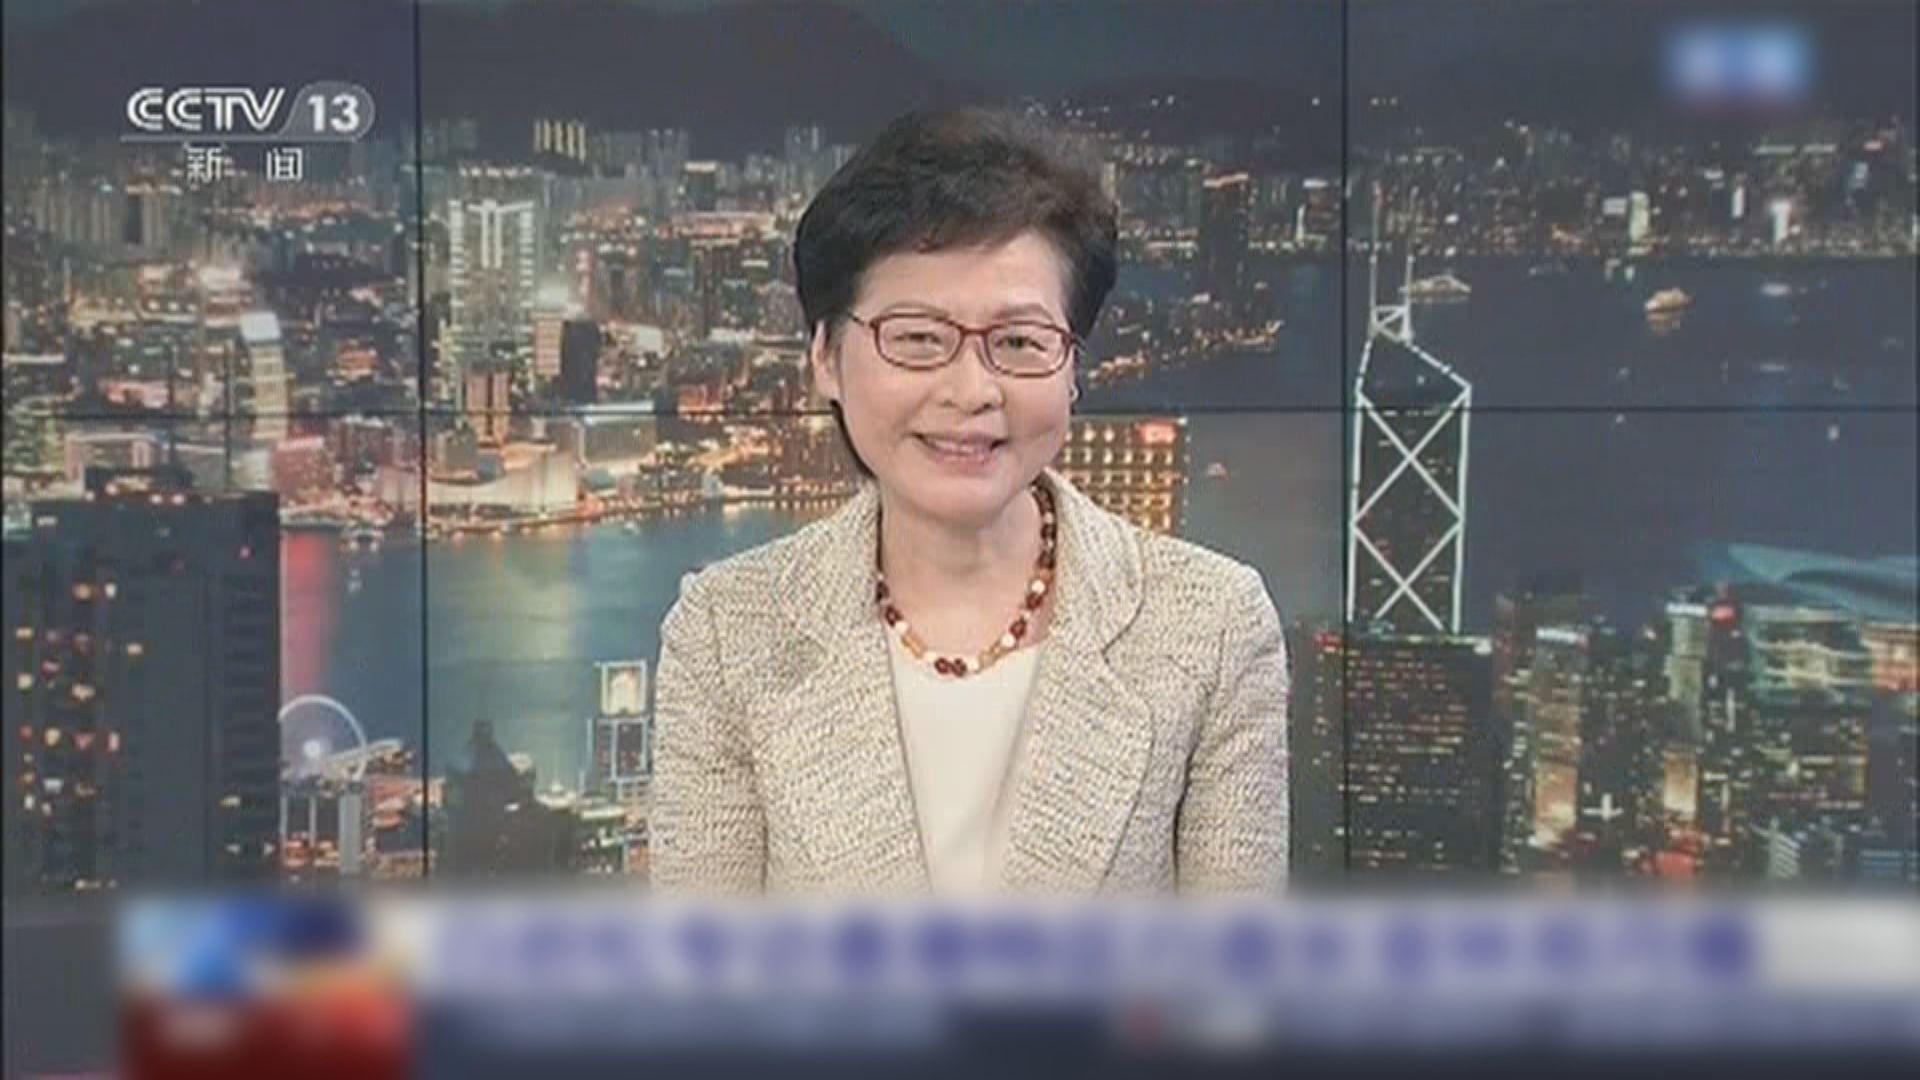 林鄭:本月26日將審議通過《完善選舉制度條例草案》